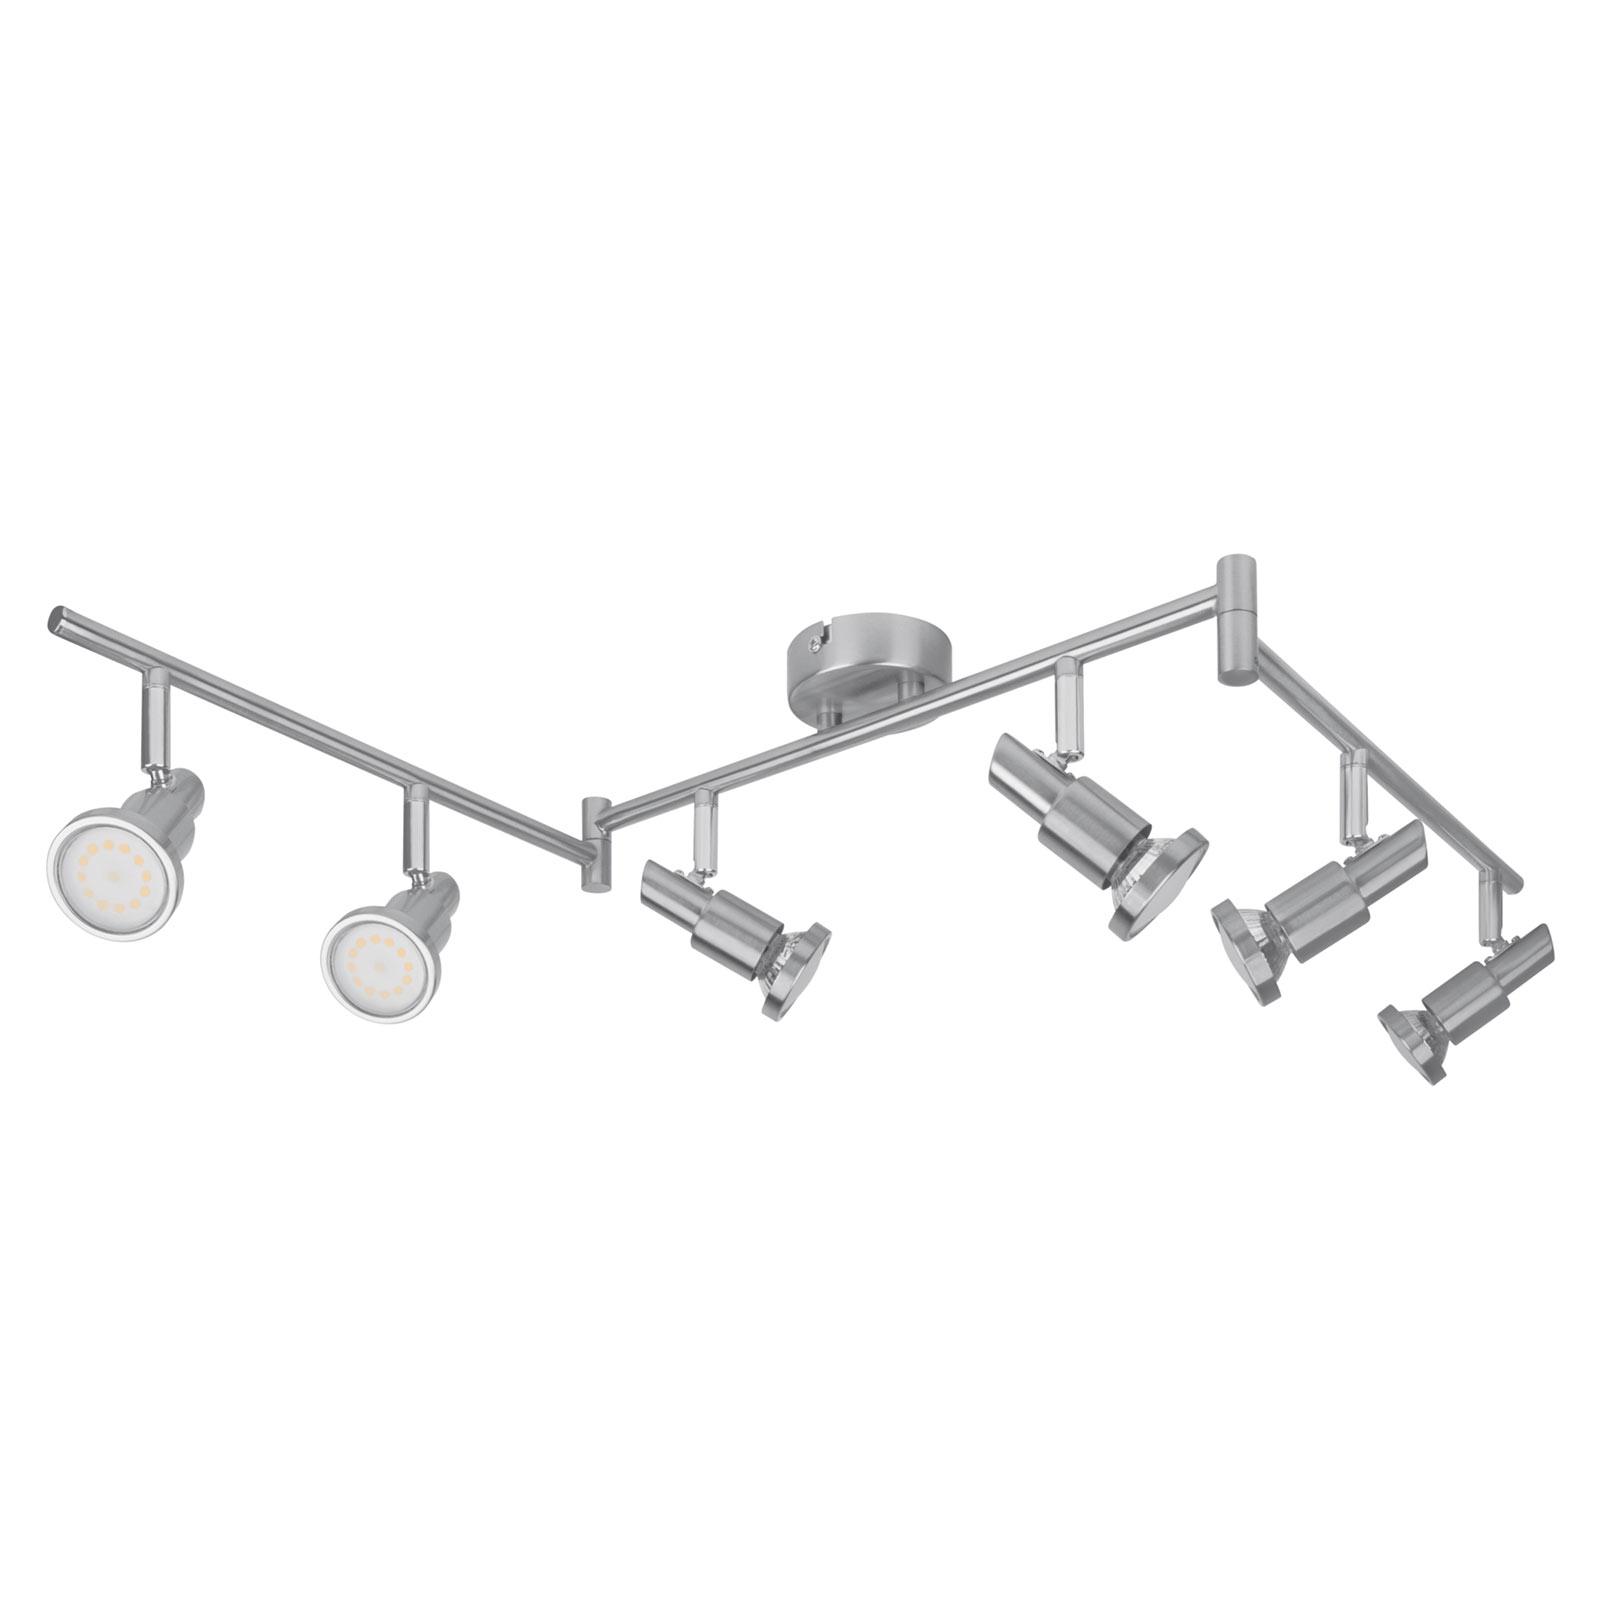 LEDVANCE Niclas LED spot, nikkel, 6-lamps